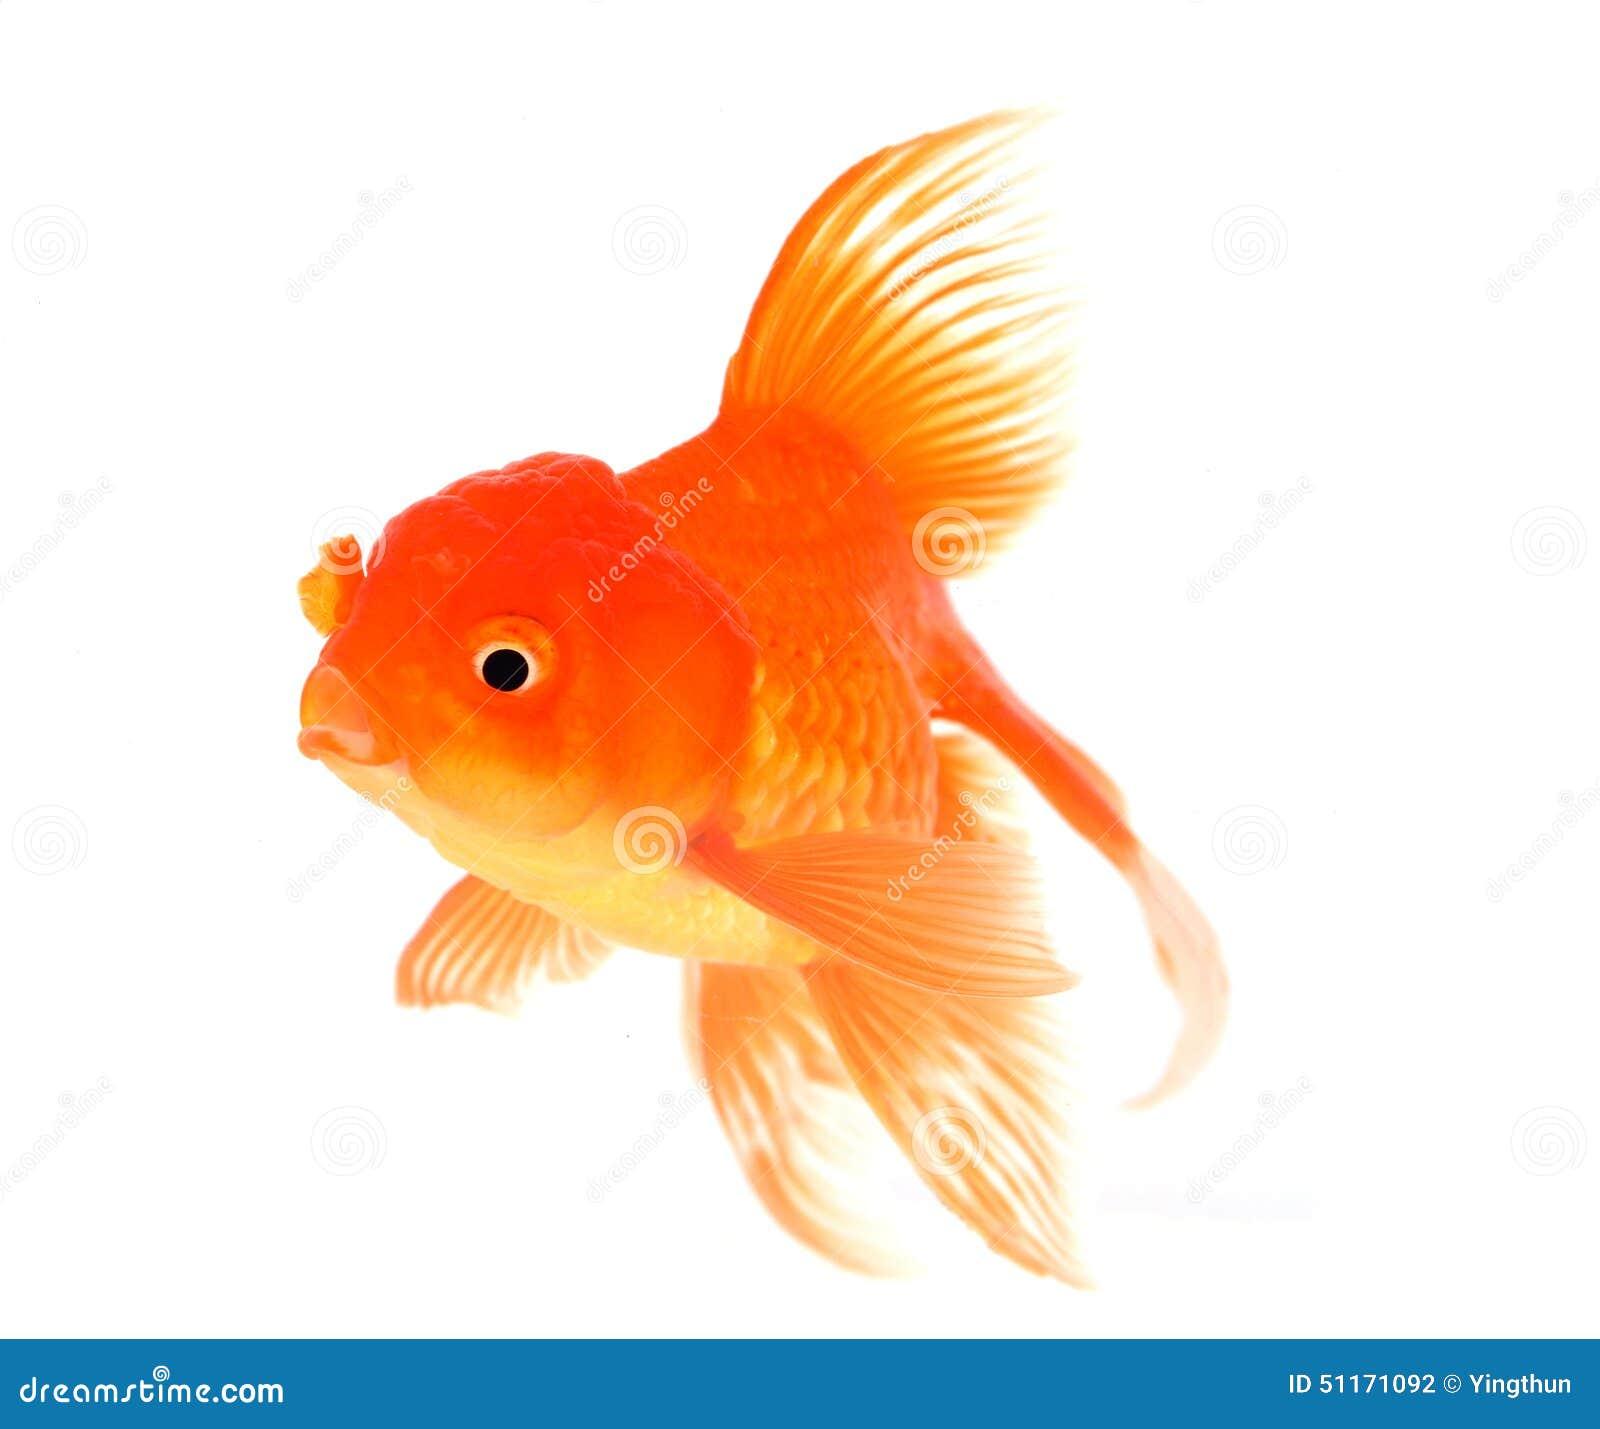 Goldfish with white on background